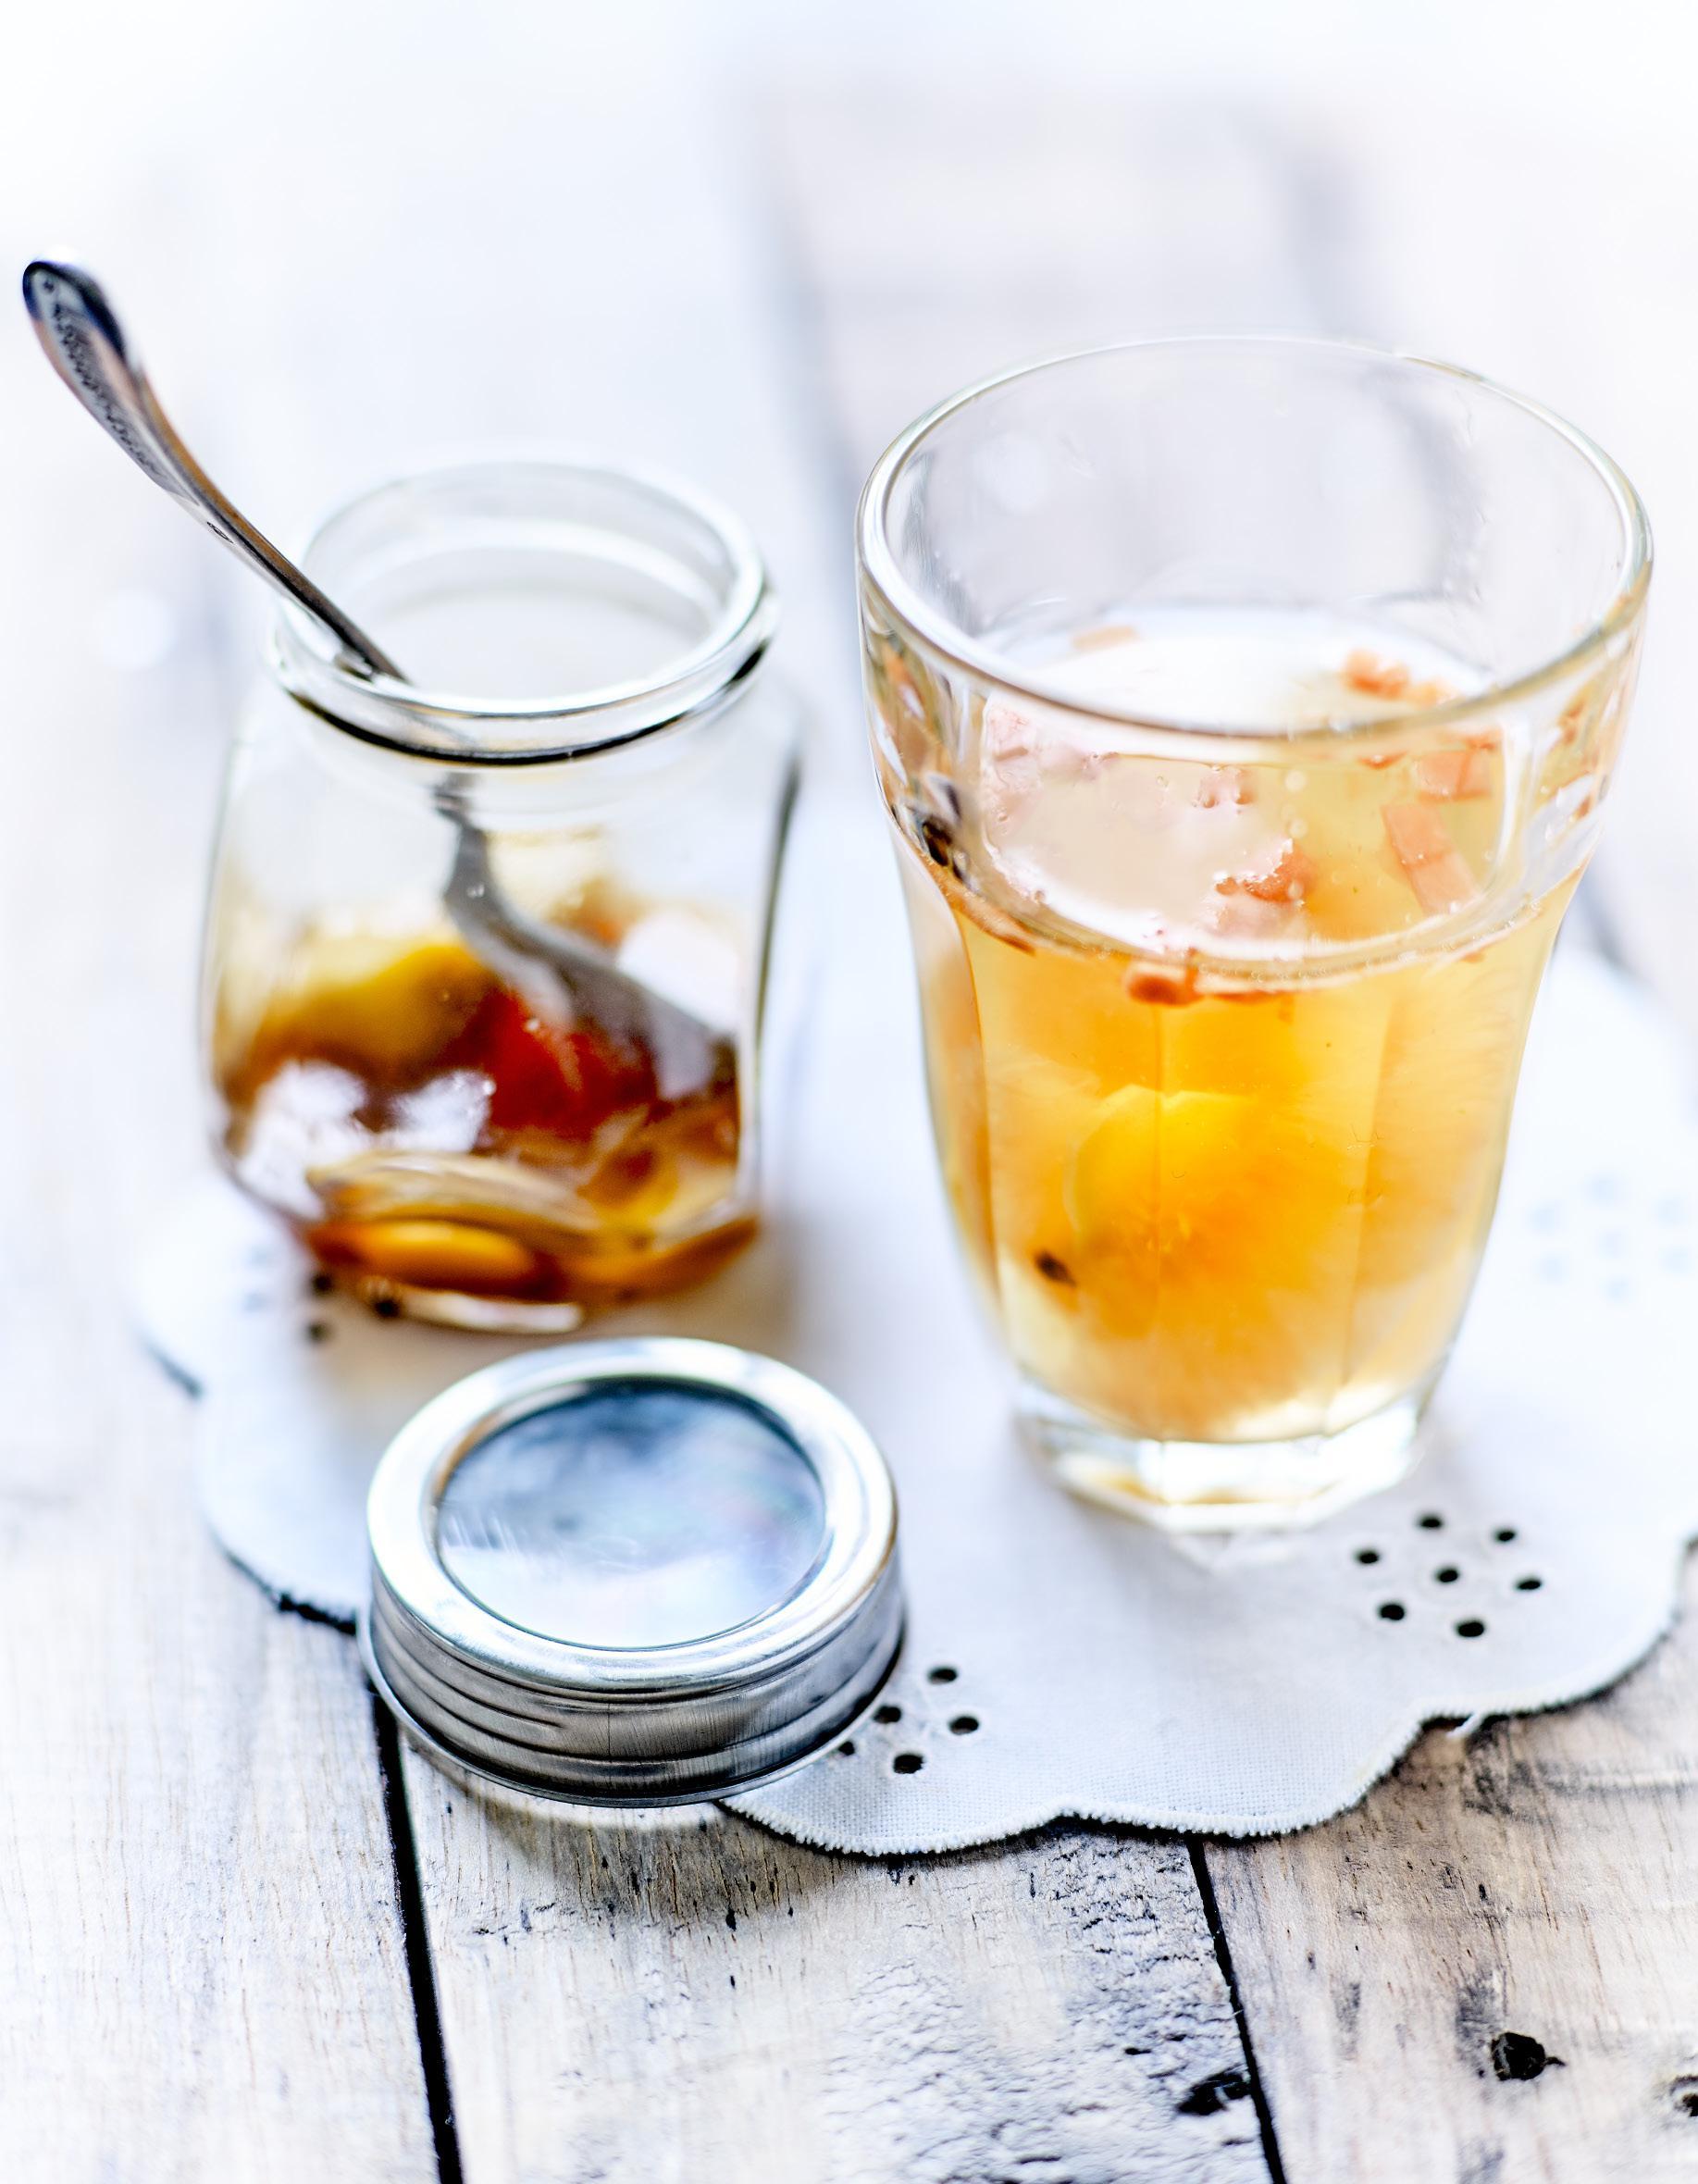 sirop de gingembre l huile essentielle de poivre pour 1 personne recettes elle table. Black Bedroom Furniture Sets. Home Design Ideas